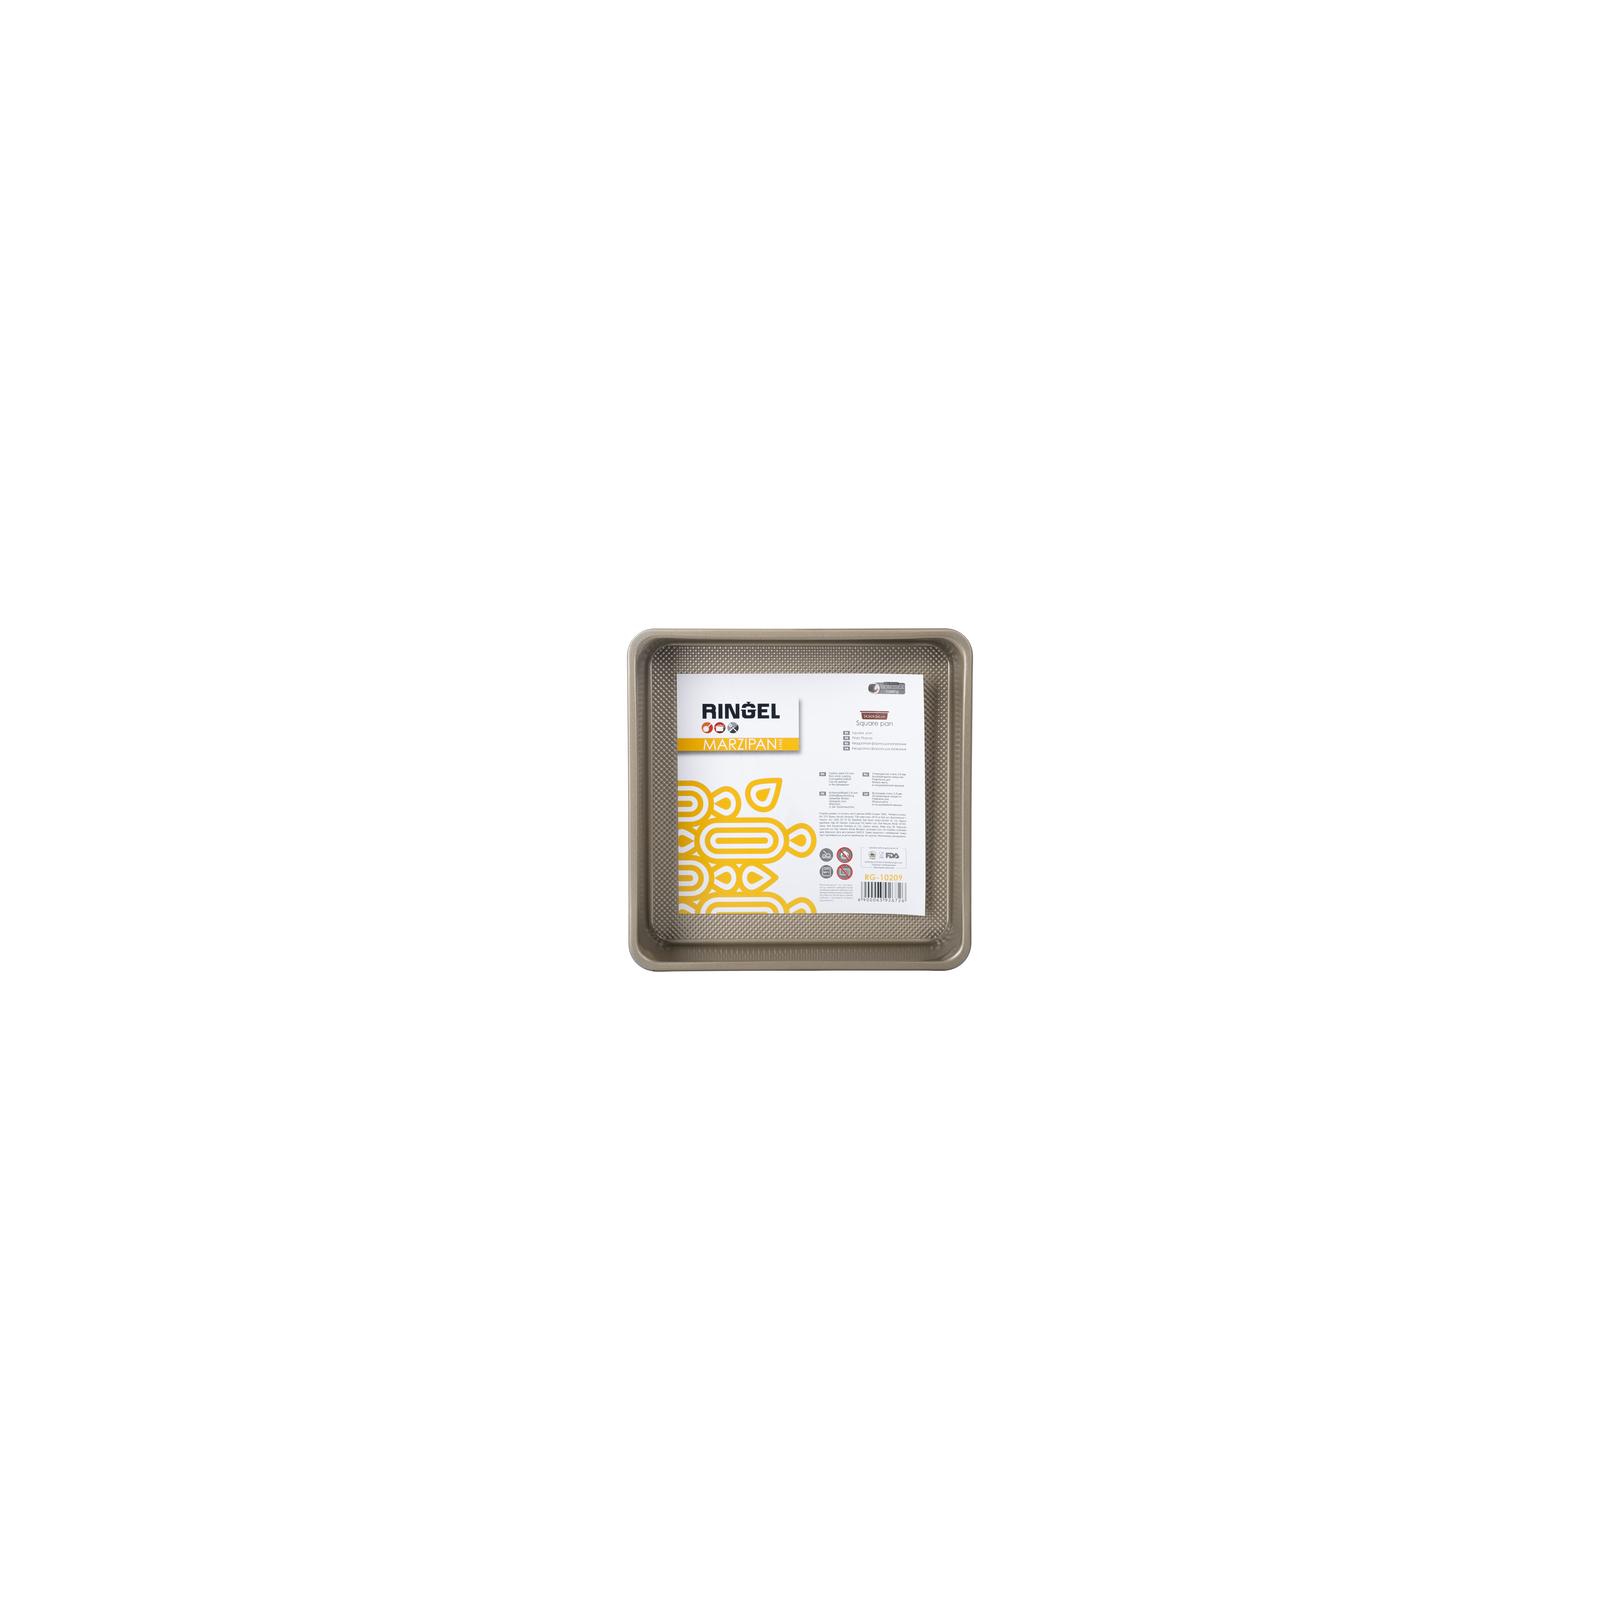 Форма для выпечки Ringel Marzipan квадратная 24.5 x 24.5 x 6 см (RG-10209)